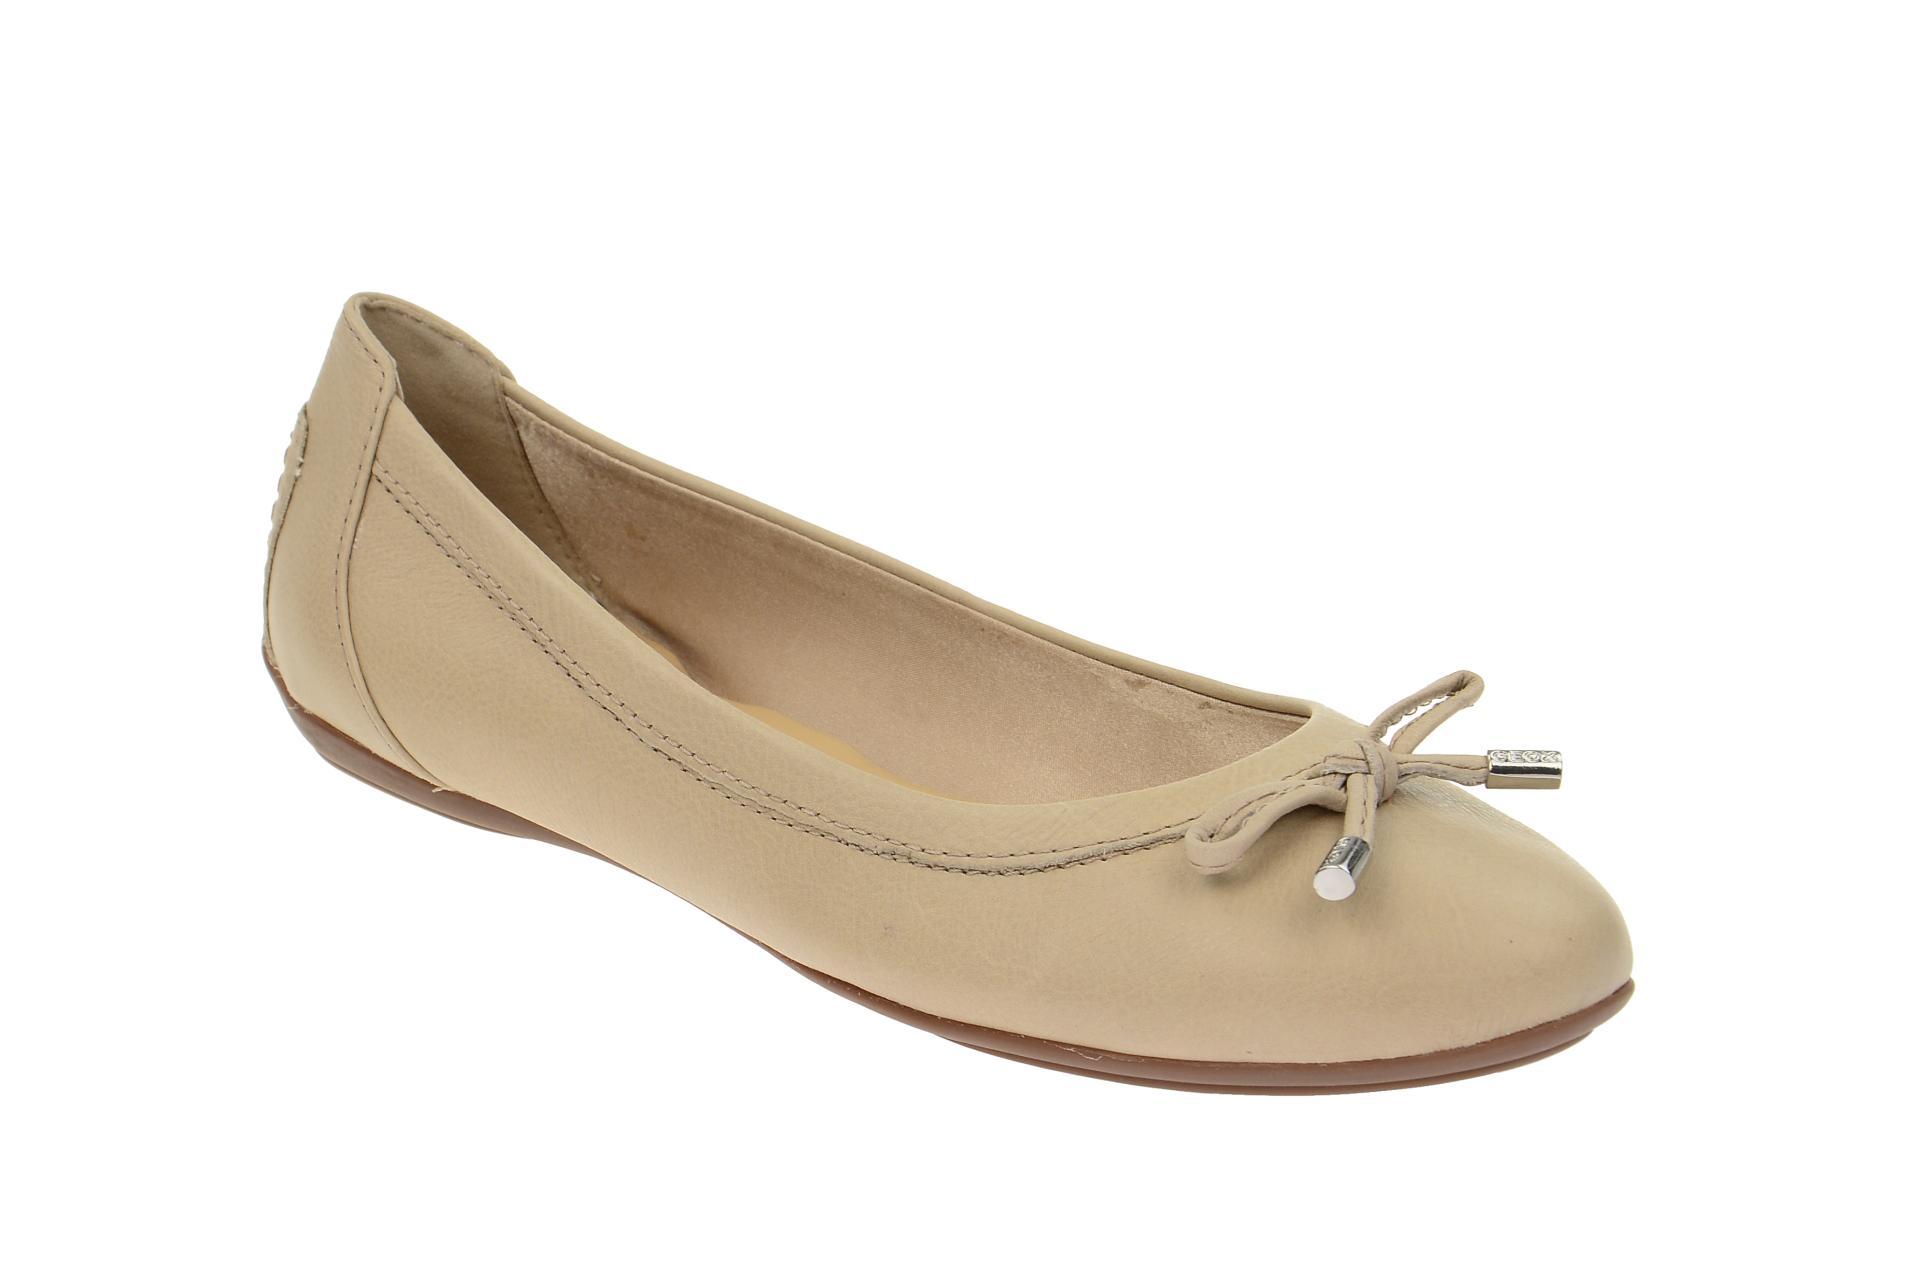 Geox CHARLENE Ballerinas - Damen Halb Zapatos  - - - Slipper beige NEU 73759a